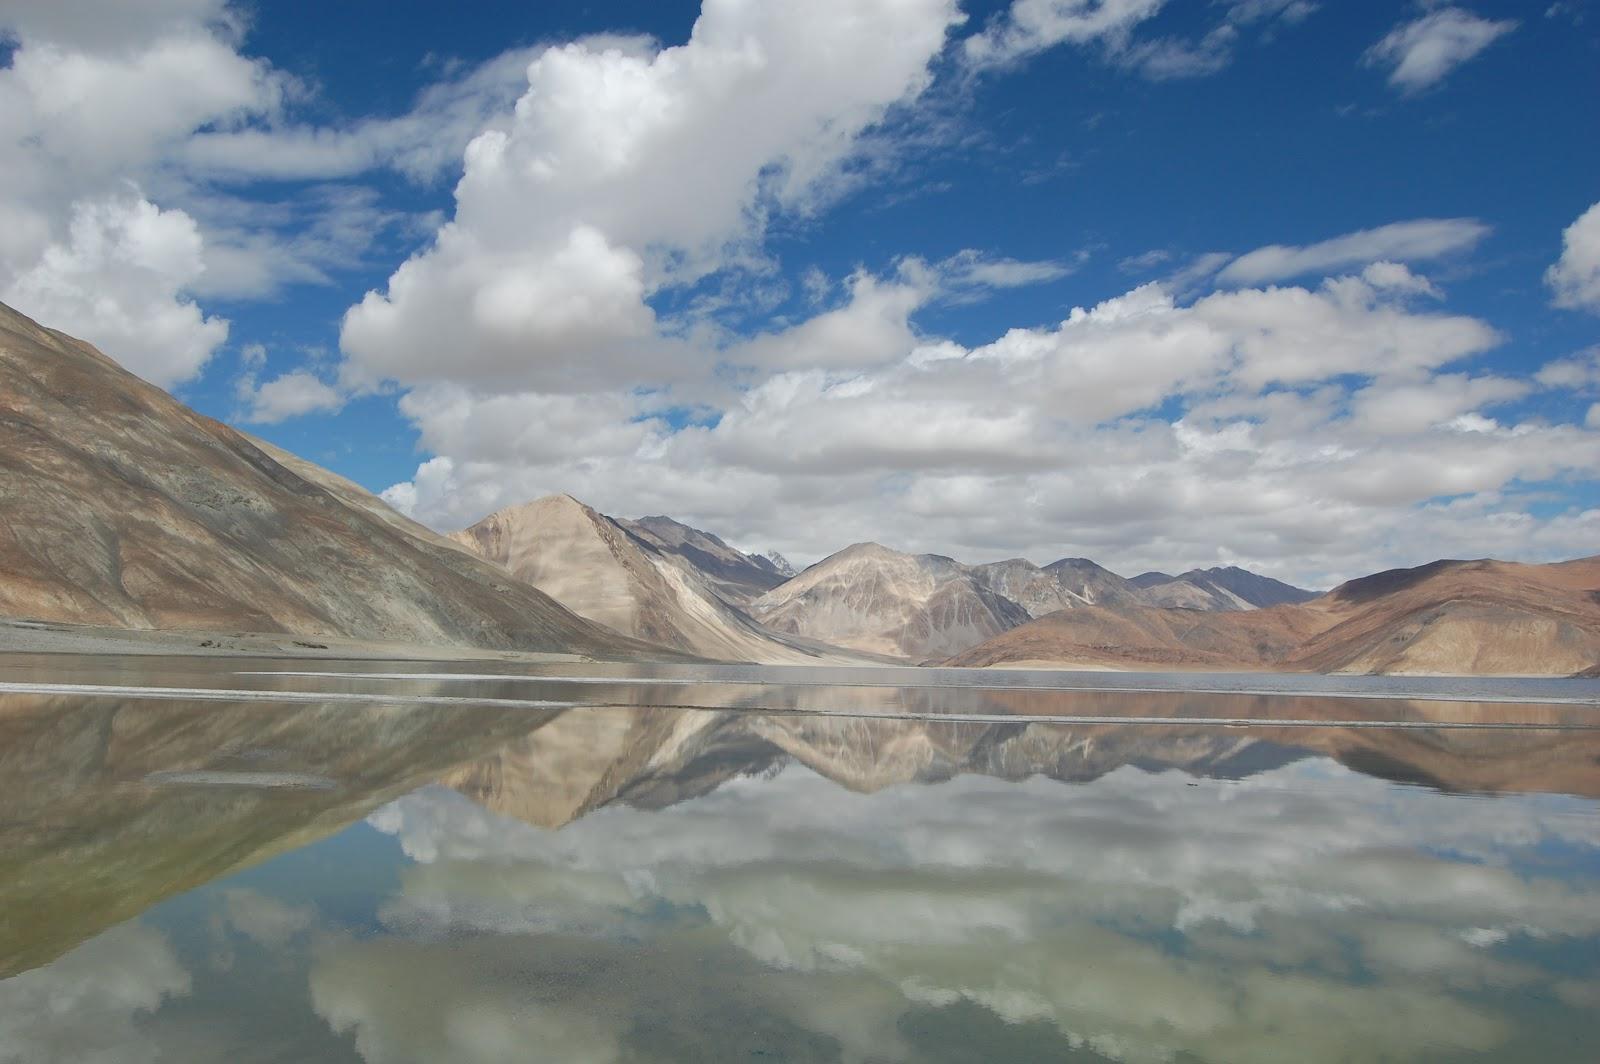 Ver los 10 principales destinos turísticos inexplorados India s